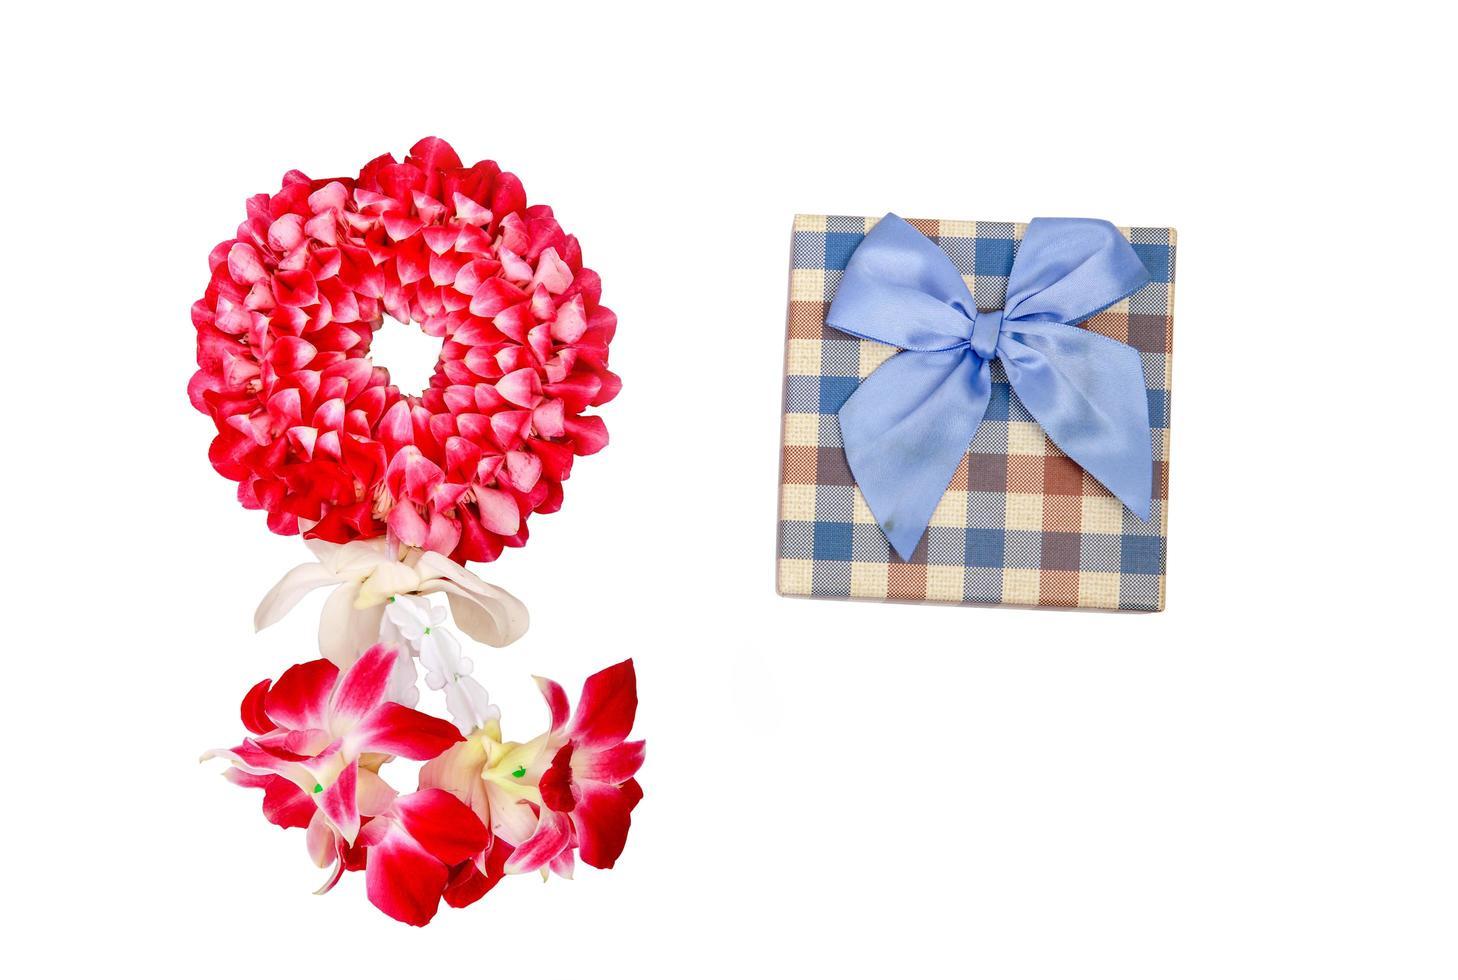 Coffret cadeau guirlande d'orchidées sur fond blanc photo